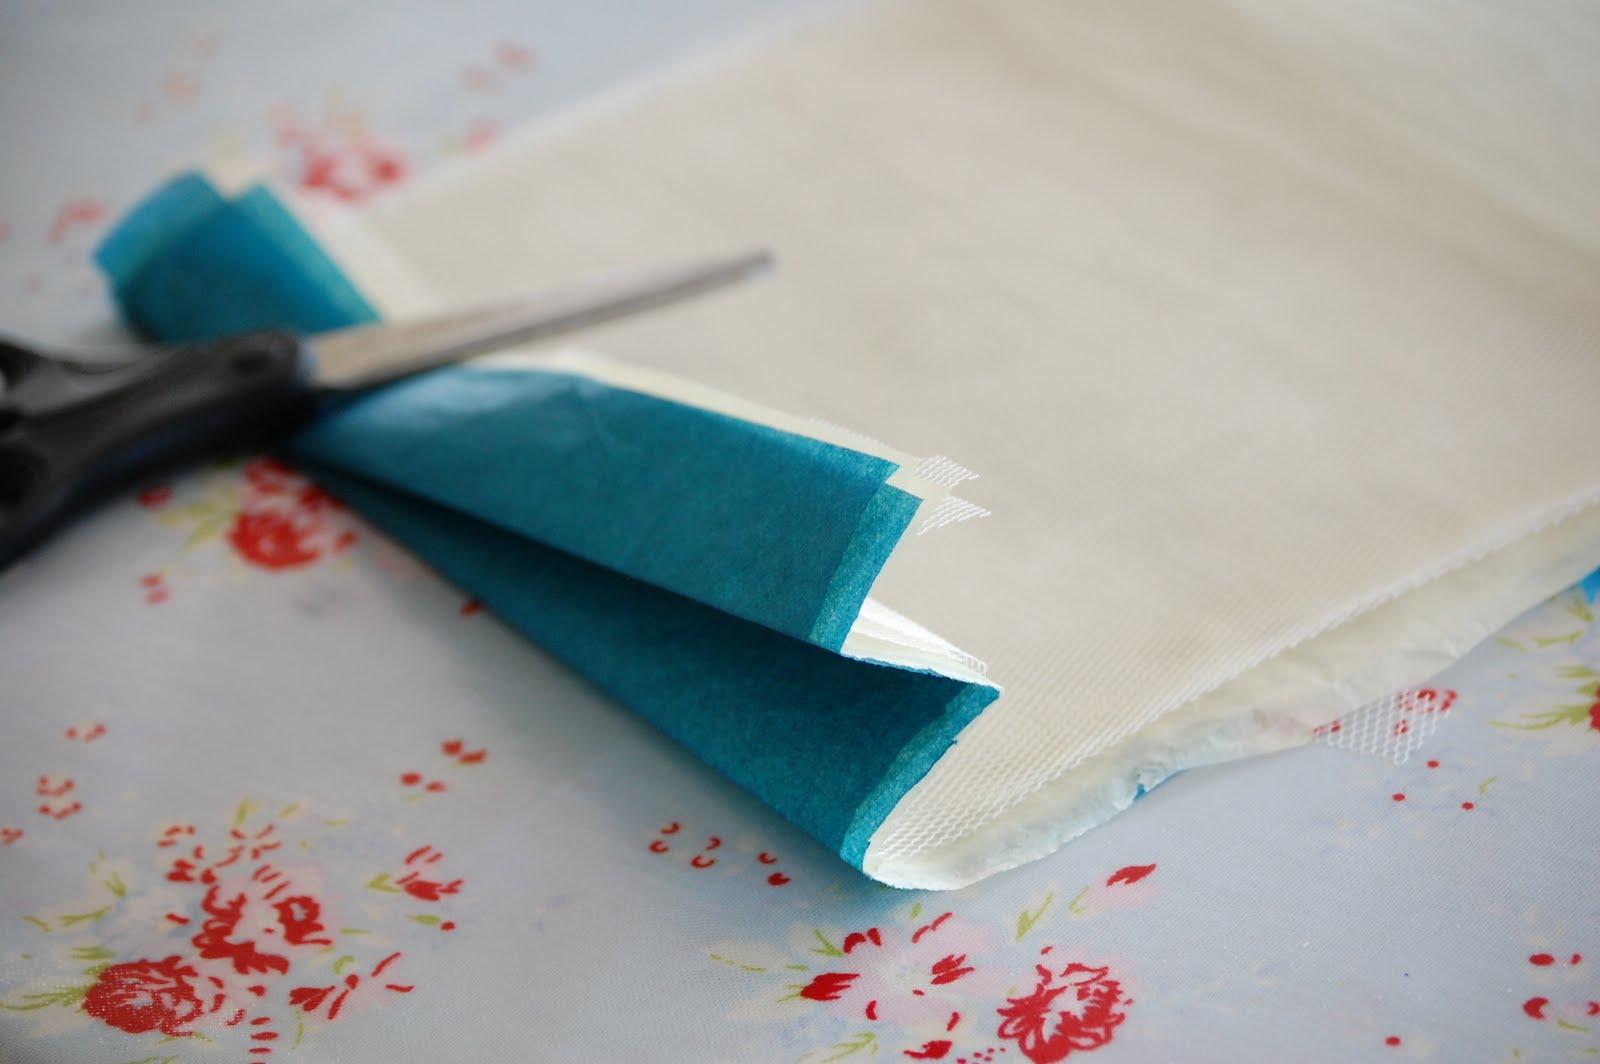 Как состарить бумагу своими руками. 5 способов от Вики Бартош 38